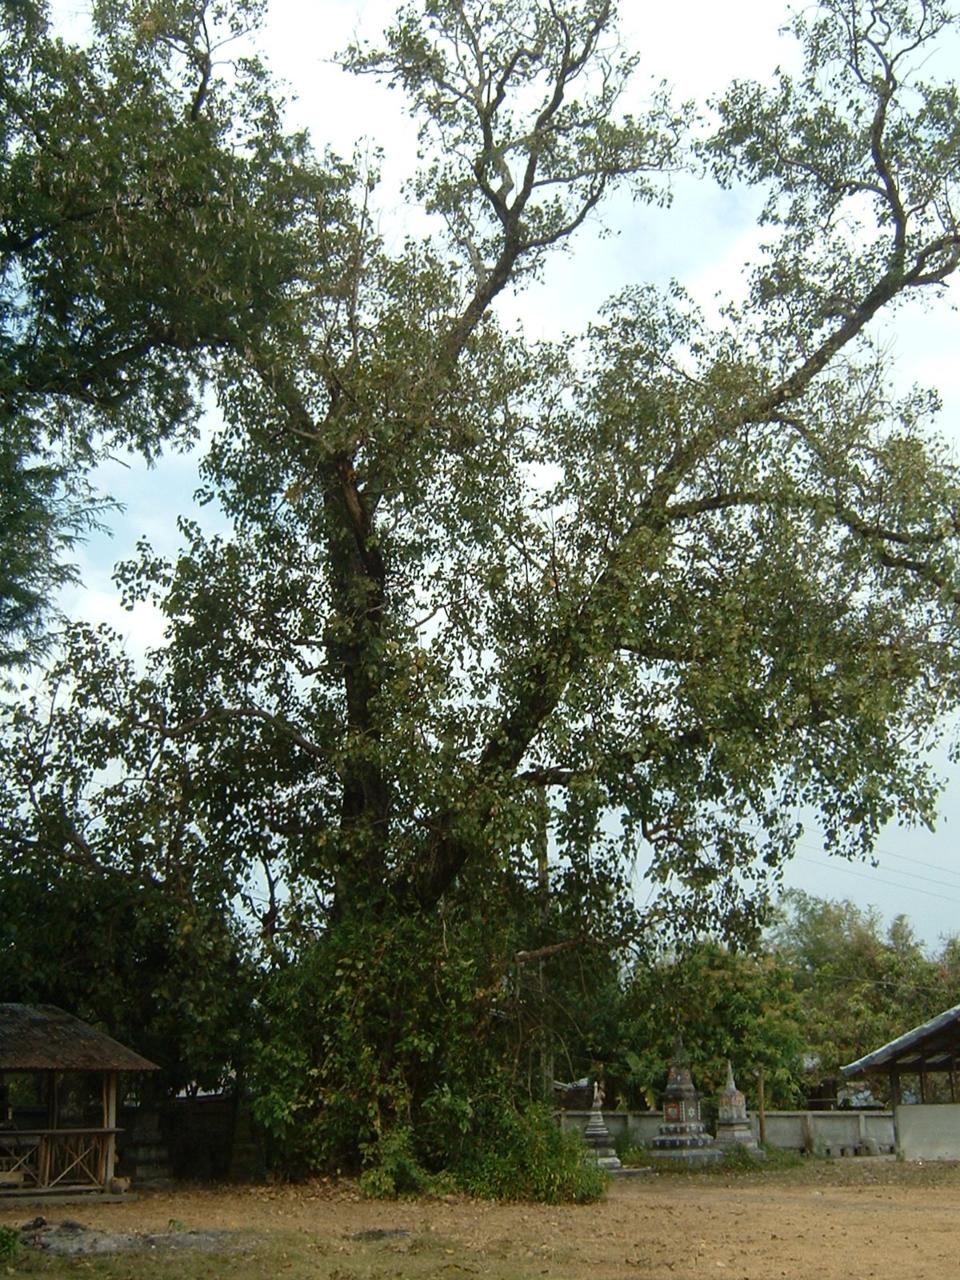 ต้นไม้ต้นใหญ่มาก